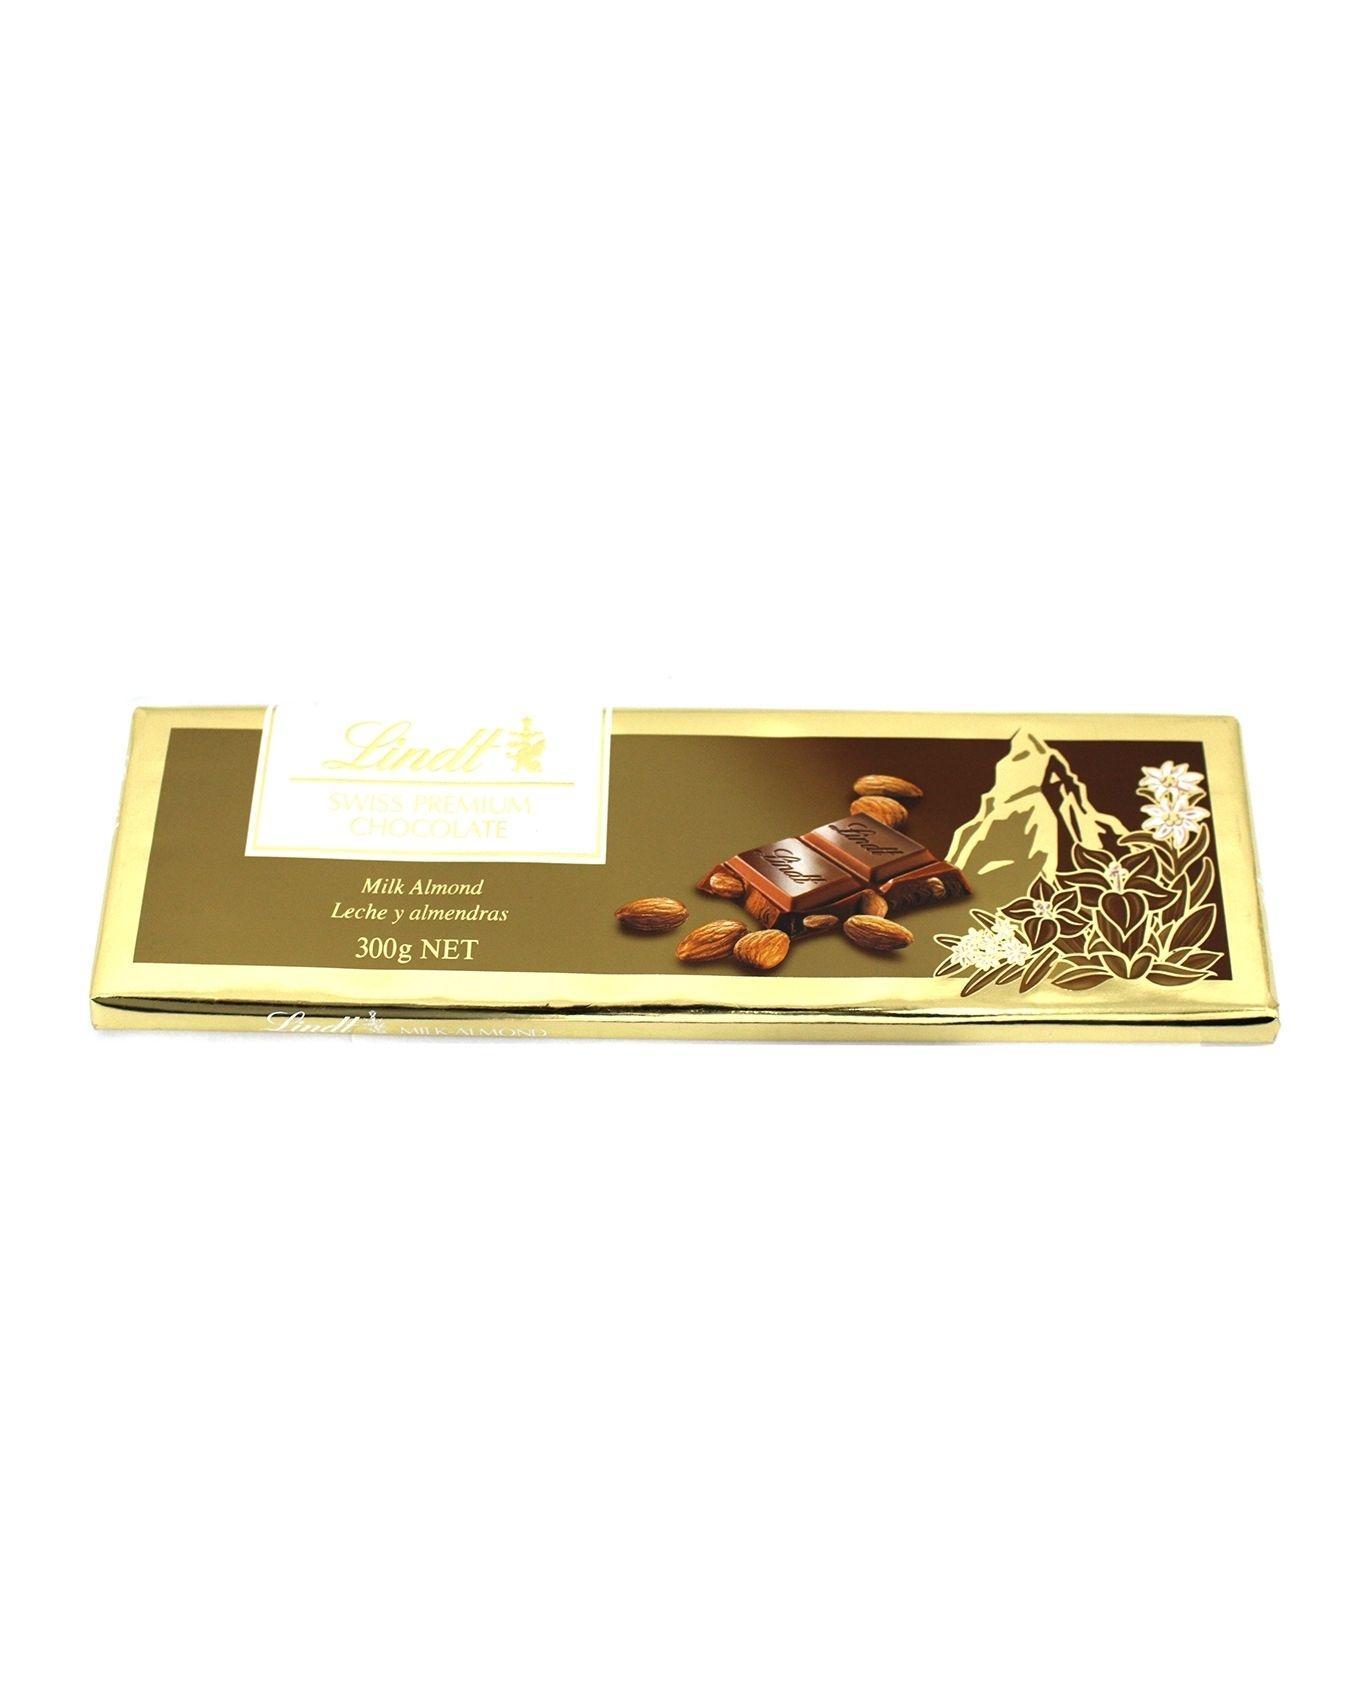 Milk Gold Almond - 300g